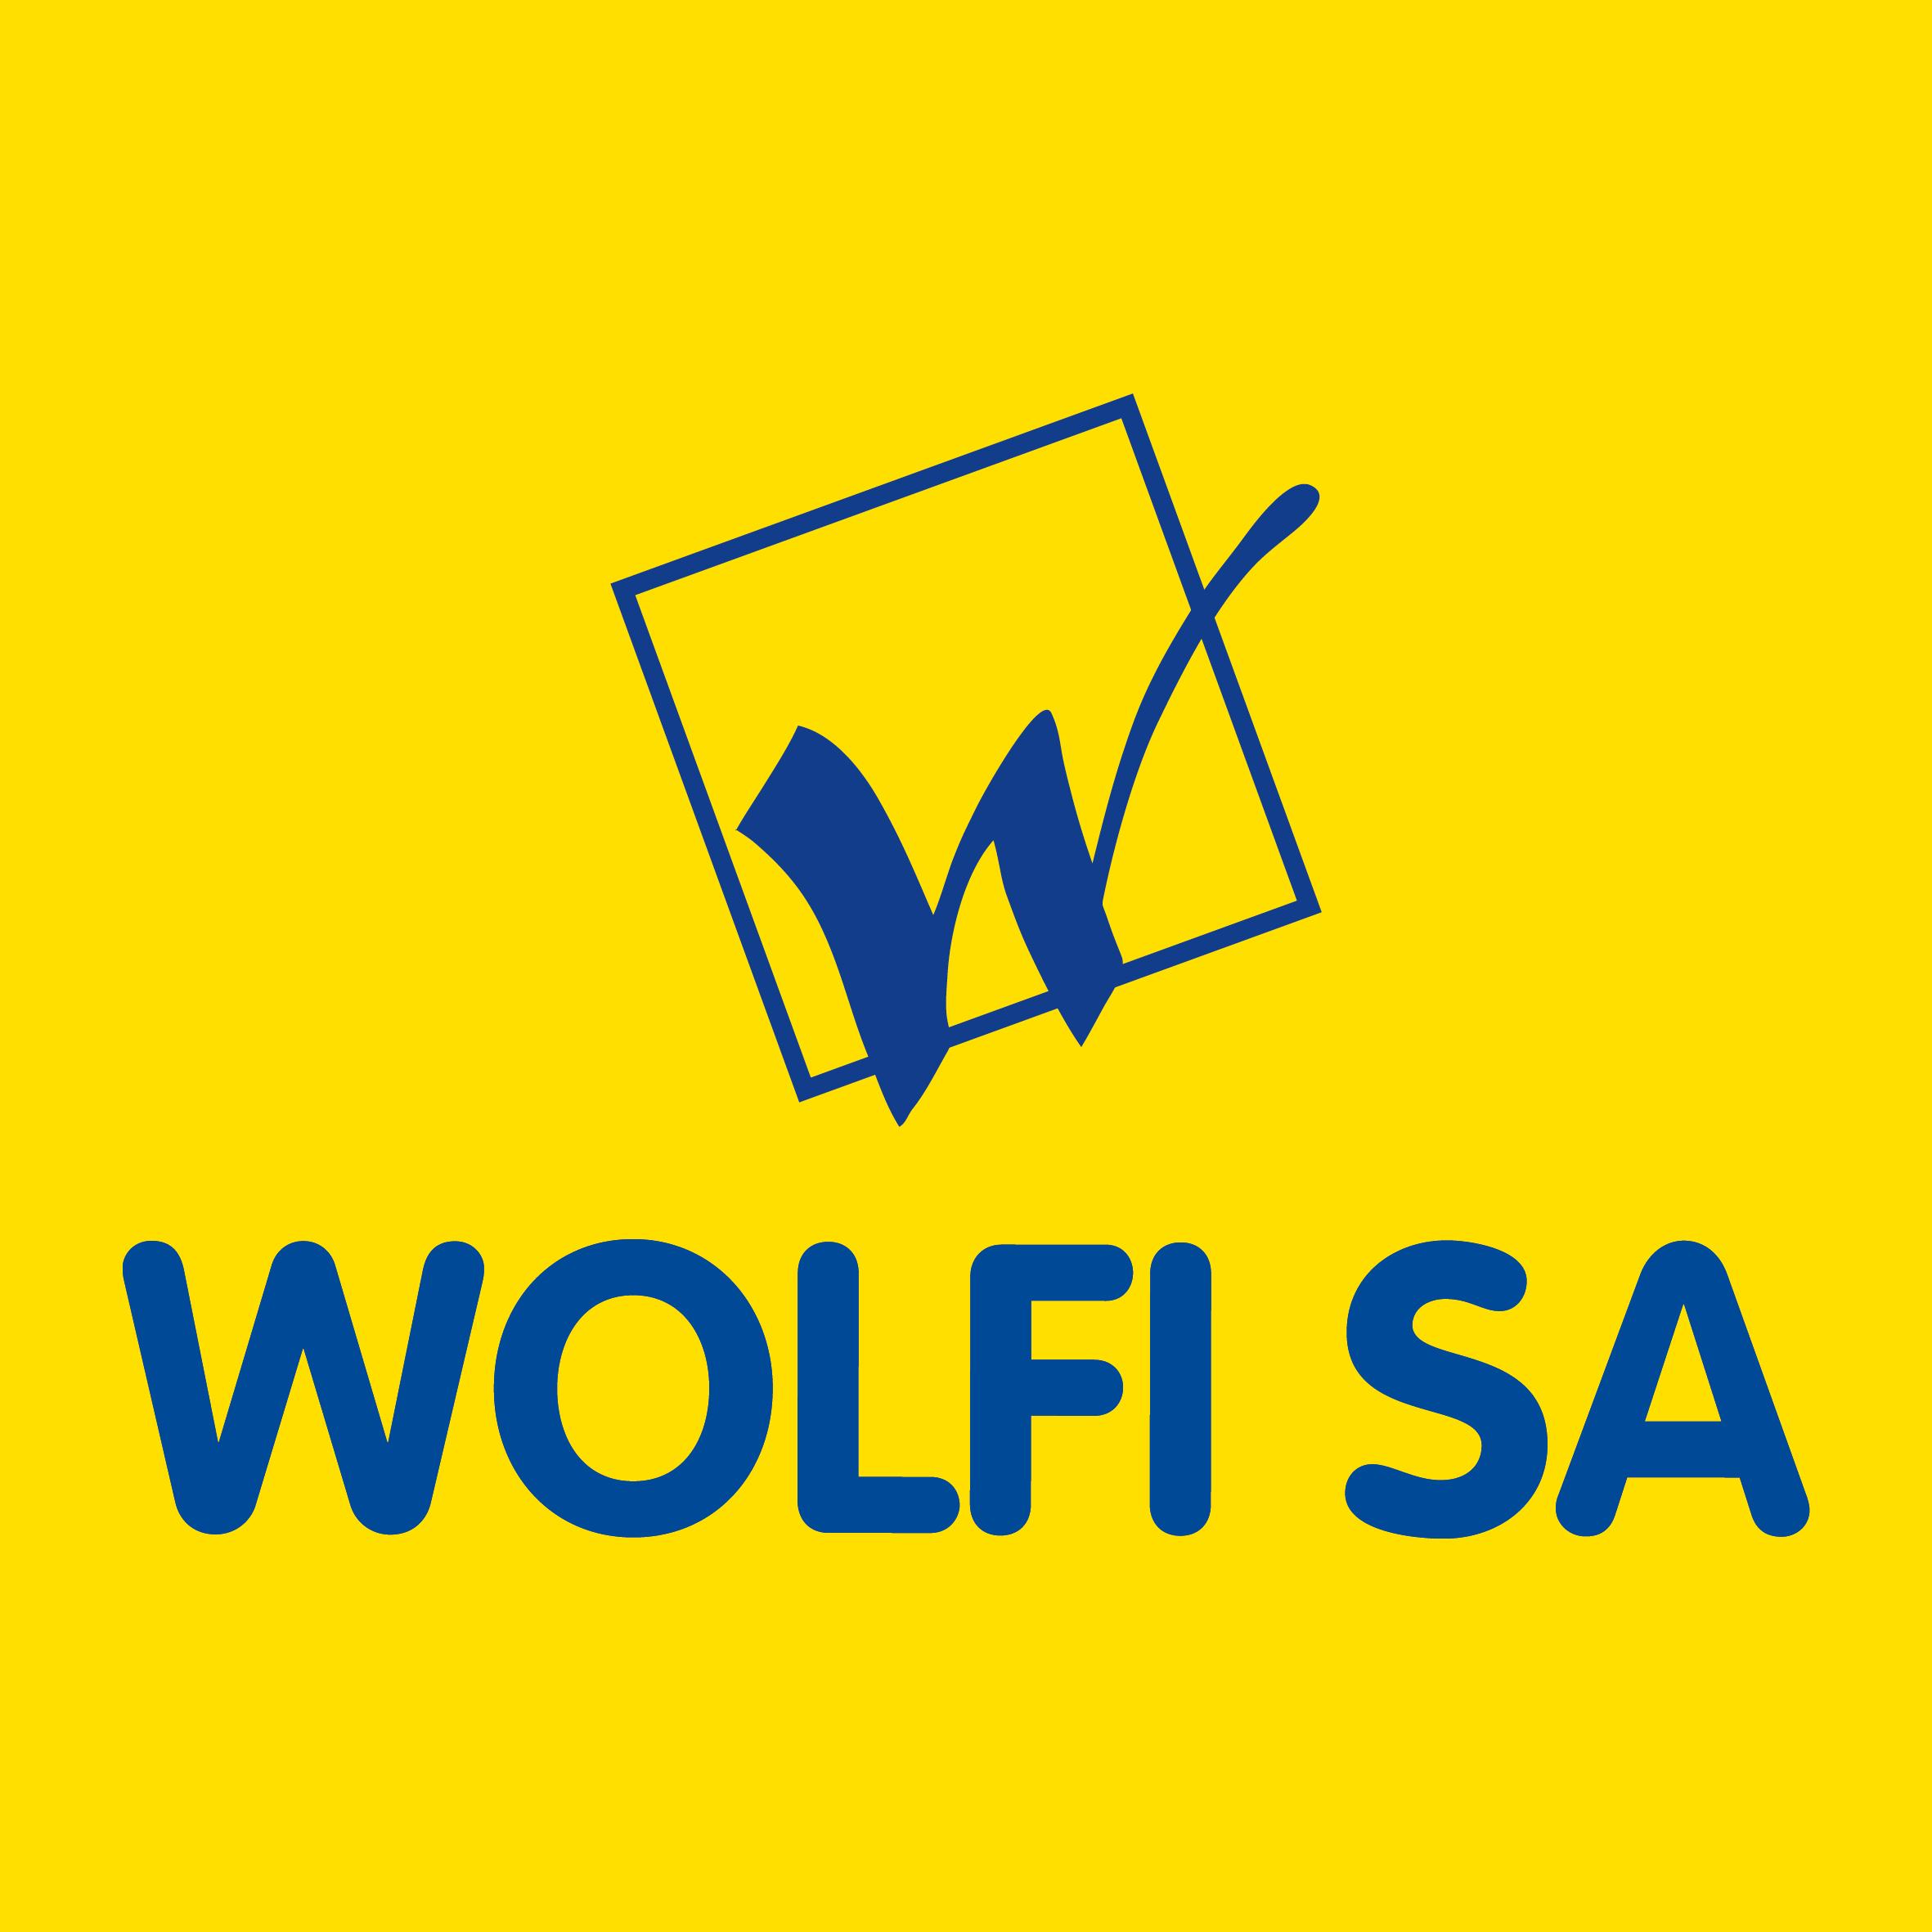 WOLFI SA